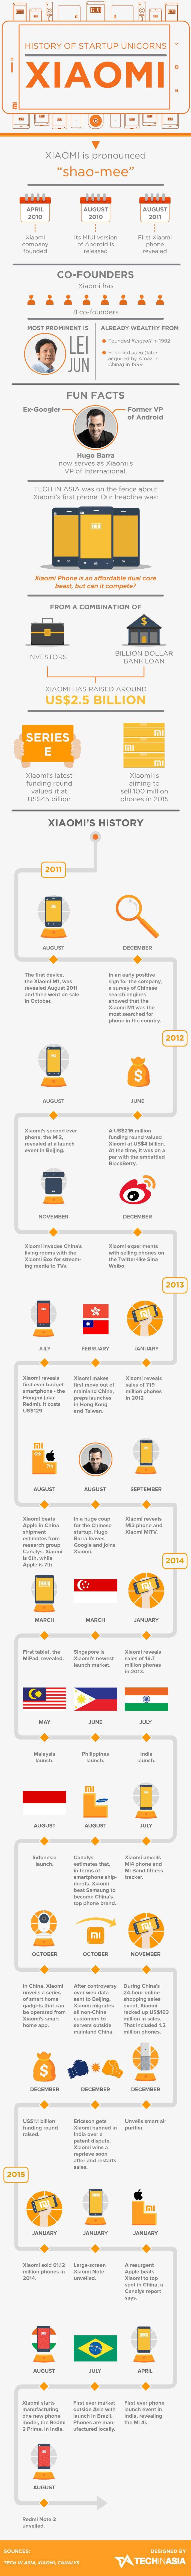 Xiaomi timeline